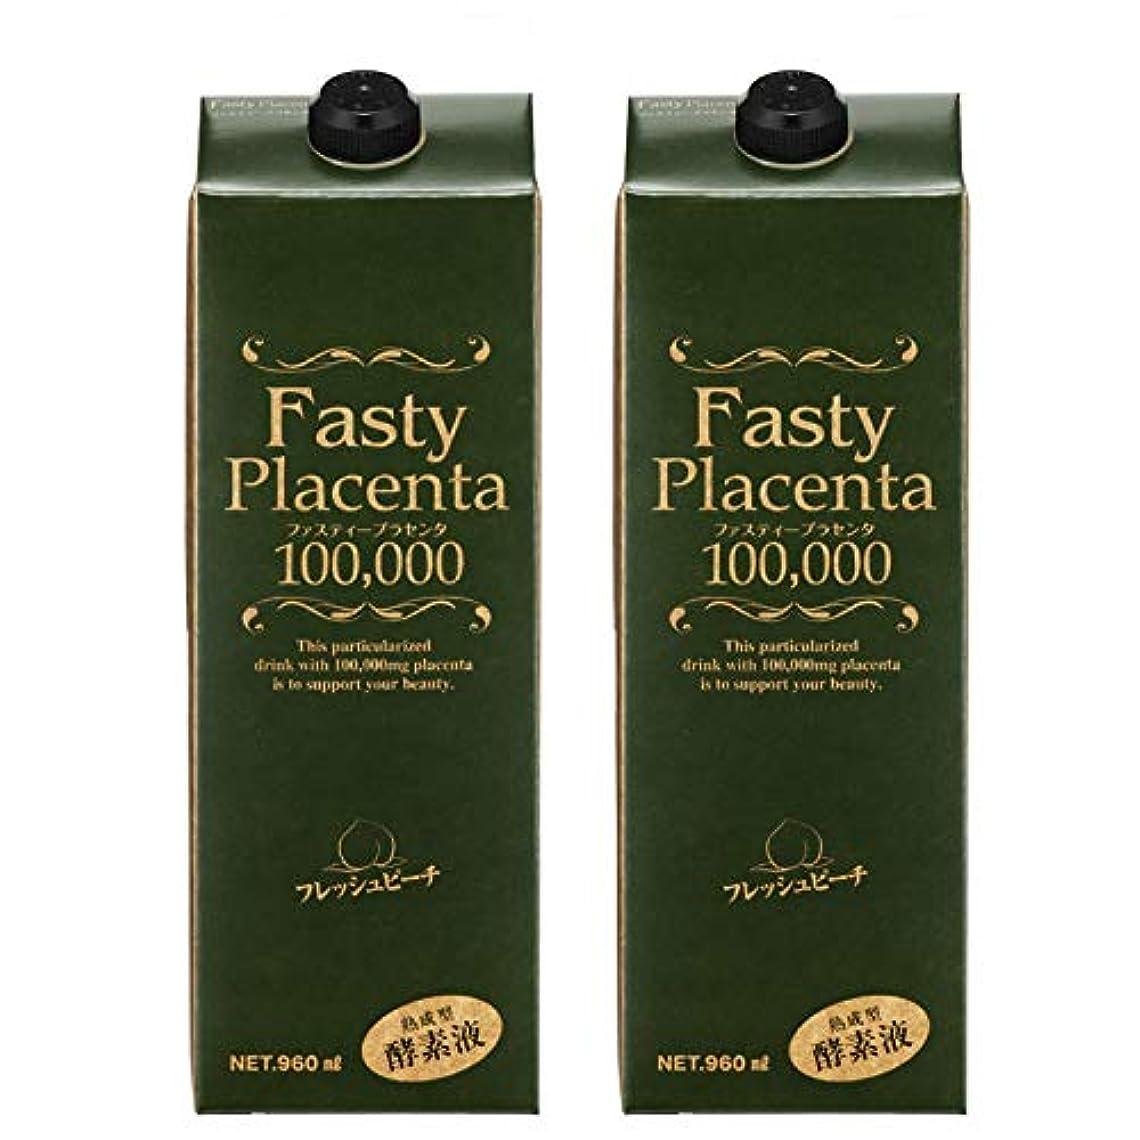 拮抗エピソード通貨ファスティープラセンタ100,000 増量パック(フレッシュピーチ味) 2本